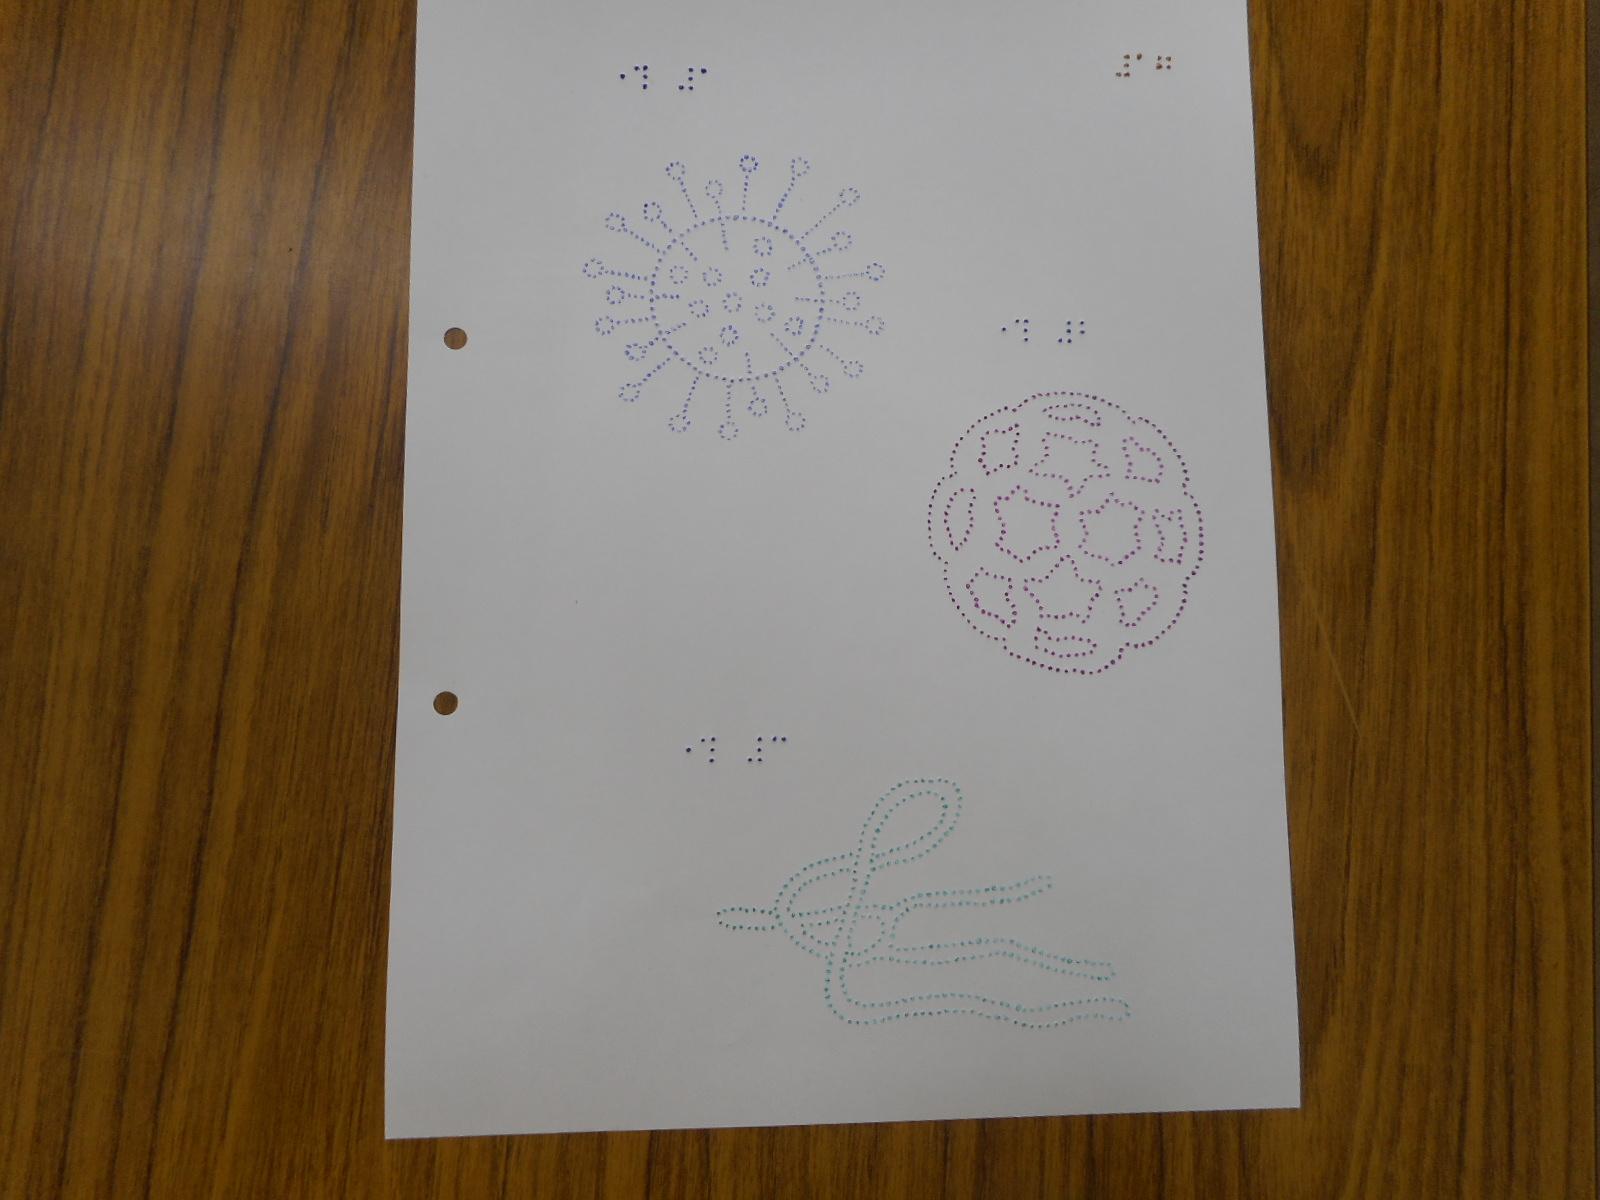 点字でウィルスの図が描かれています